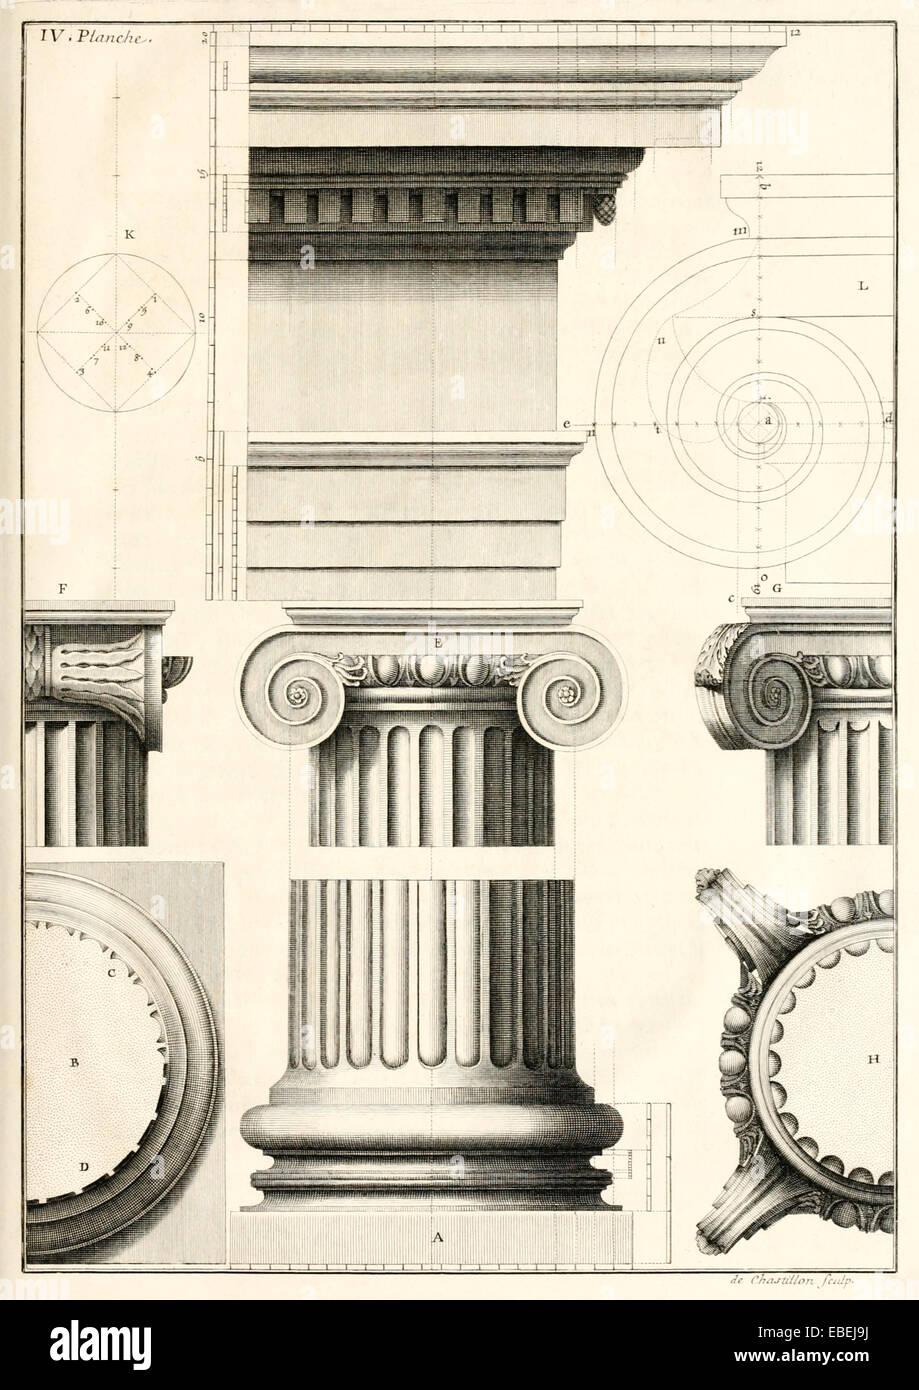 Orden jónico por Claude Perrault, arquitecto renacentista francés ilustración. Consulte la descripción Imagen De Stock